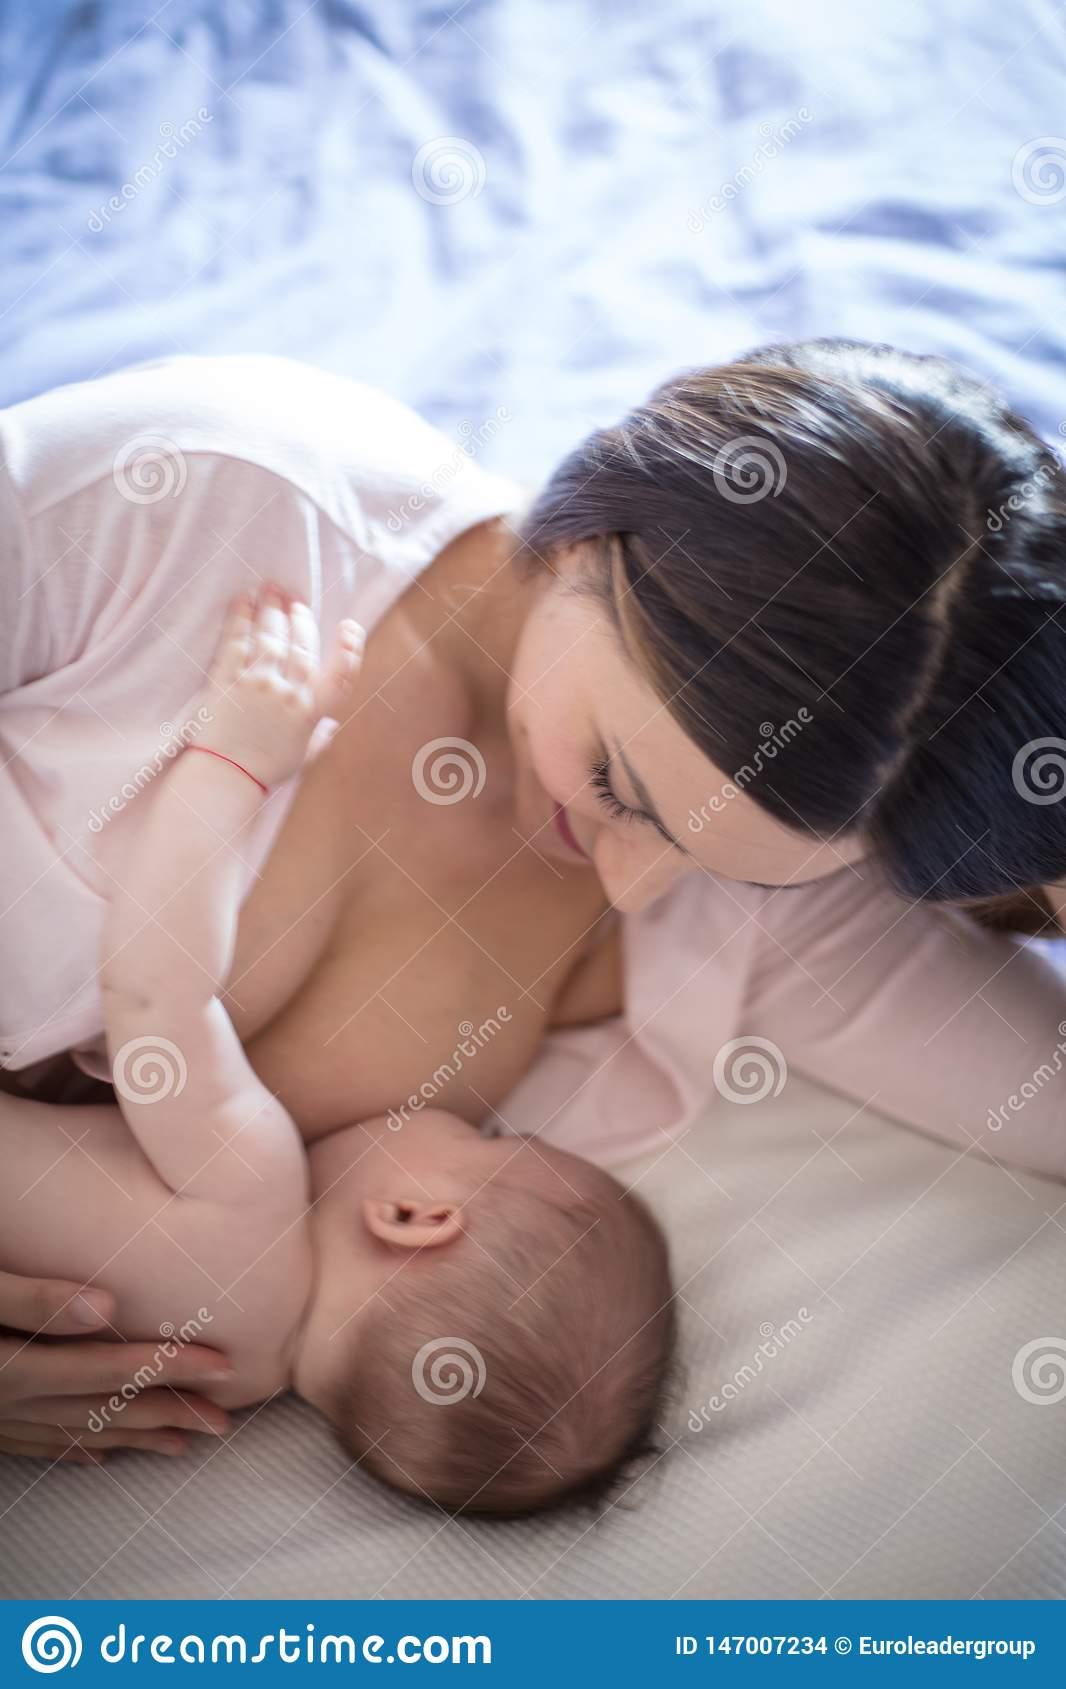 Когда и как включается материнский инстинкт у женщин?